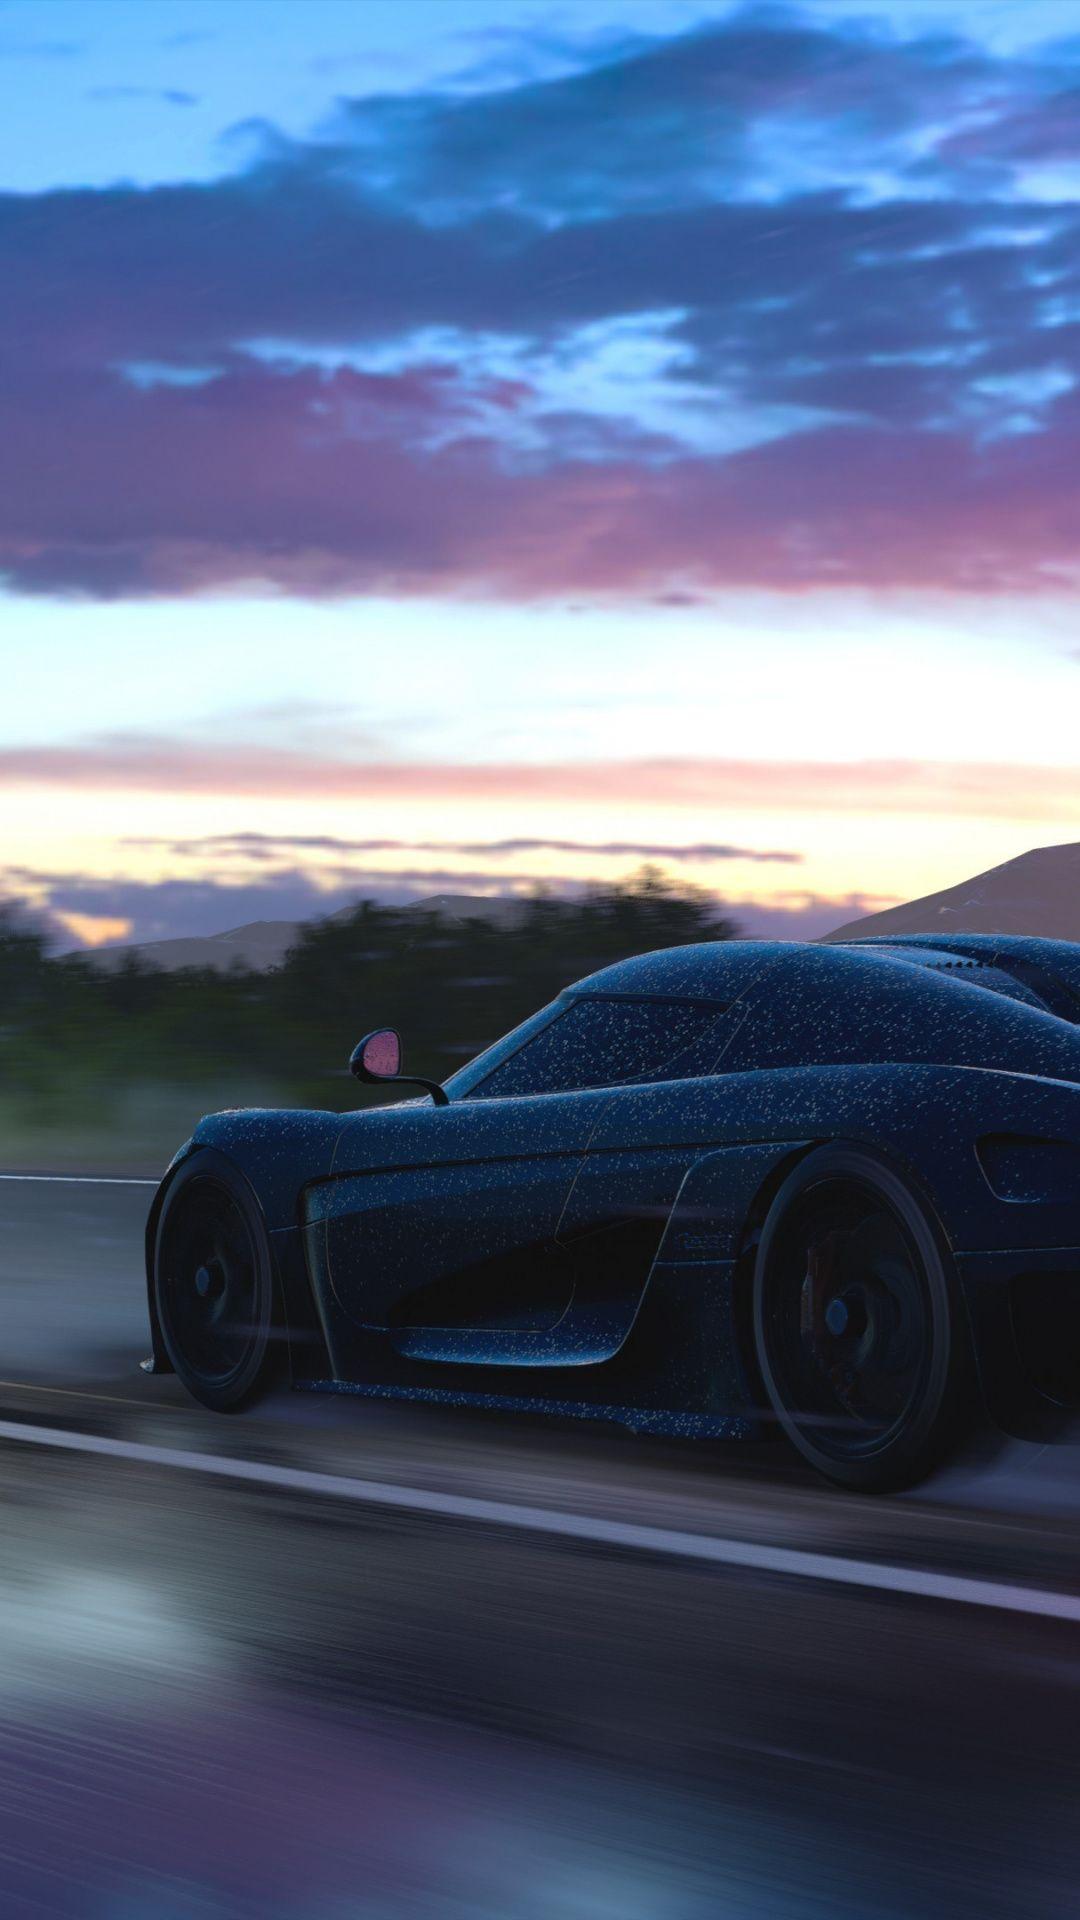 Hypercar Supercar Wallpaper Download In 2020 Forza Horizon Forza Forza Horizon 3